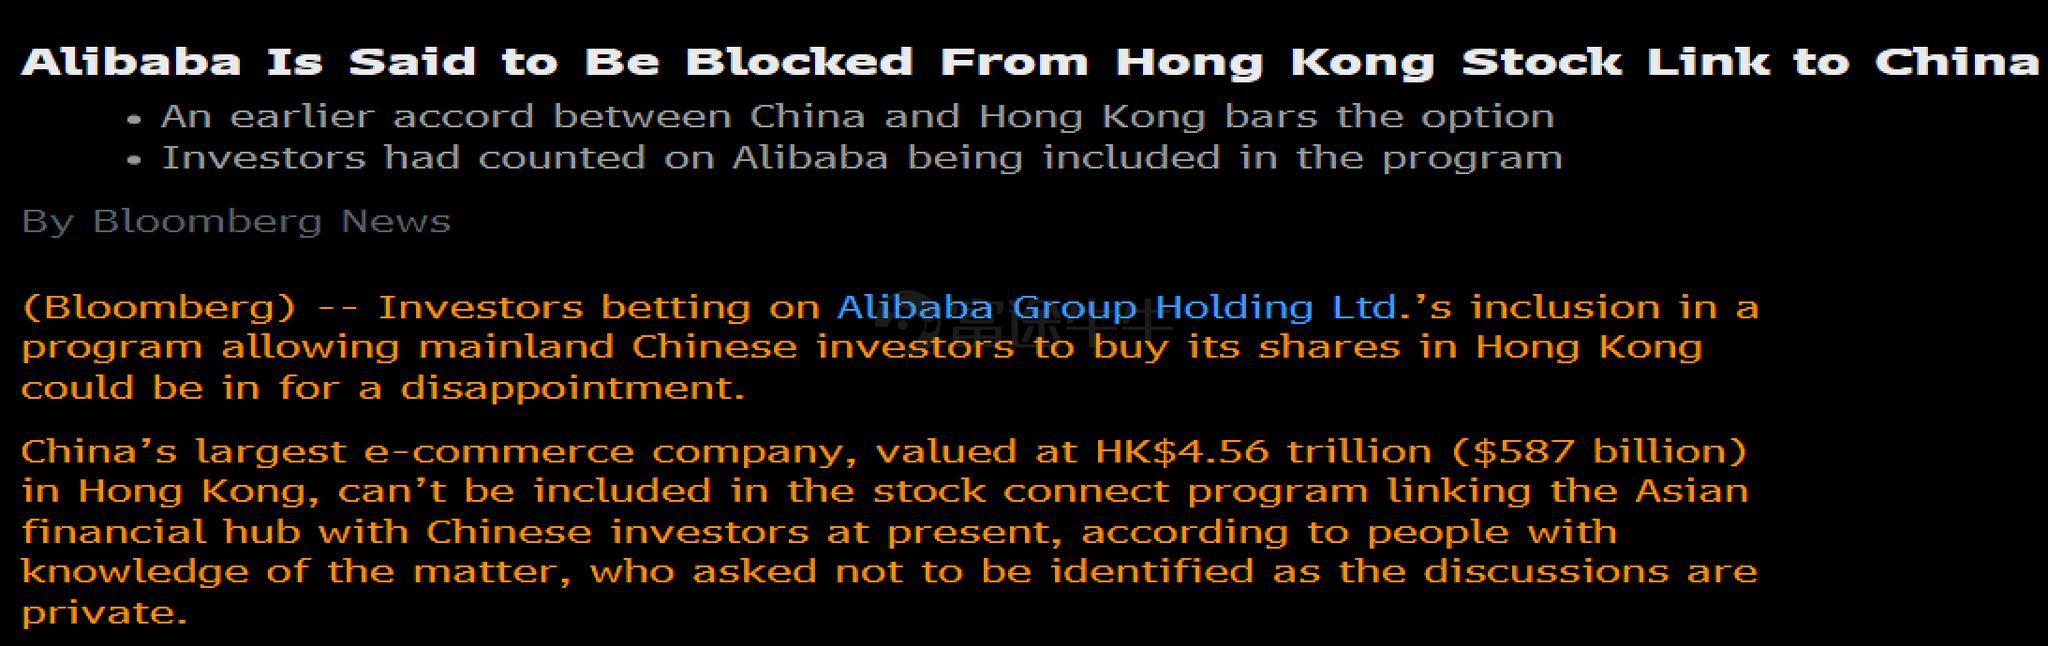 阿里巴巴被排除在港股通之外 未来仍有纳入可能